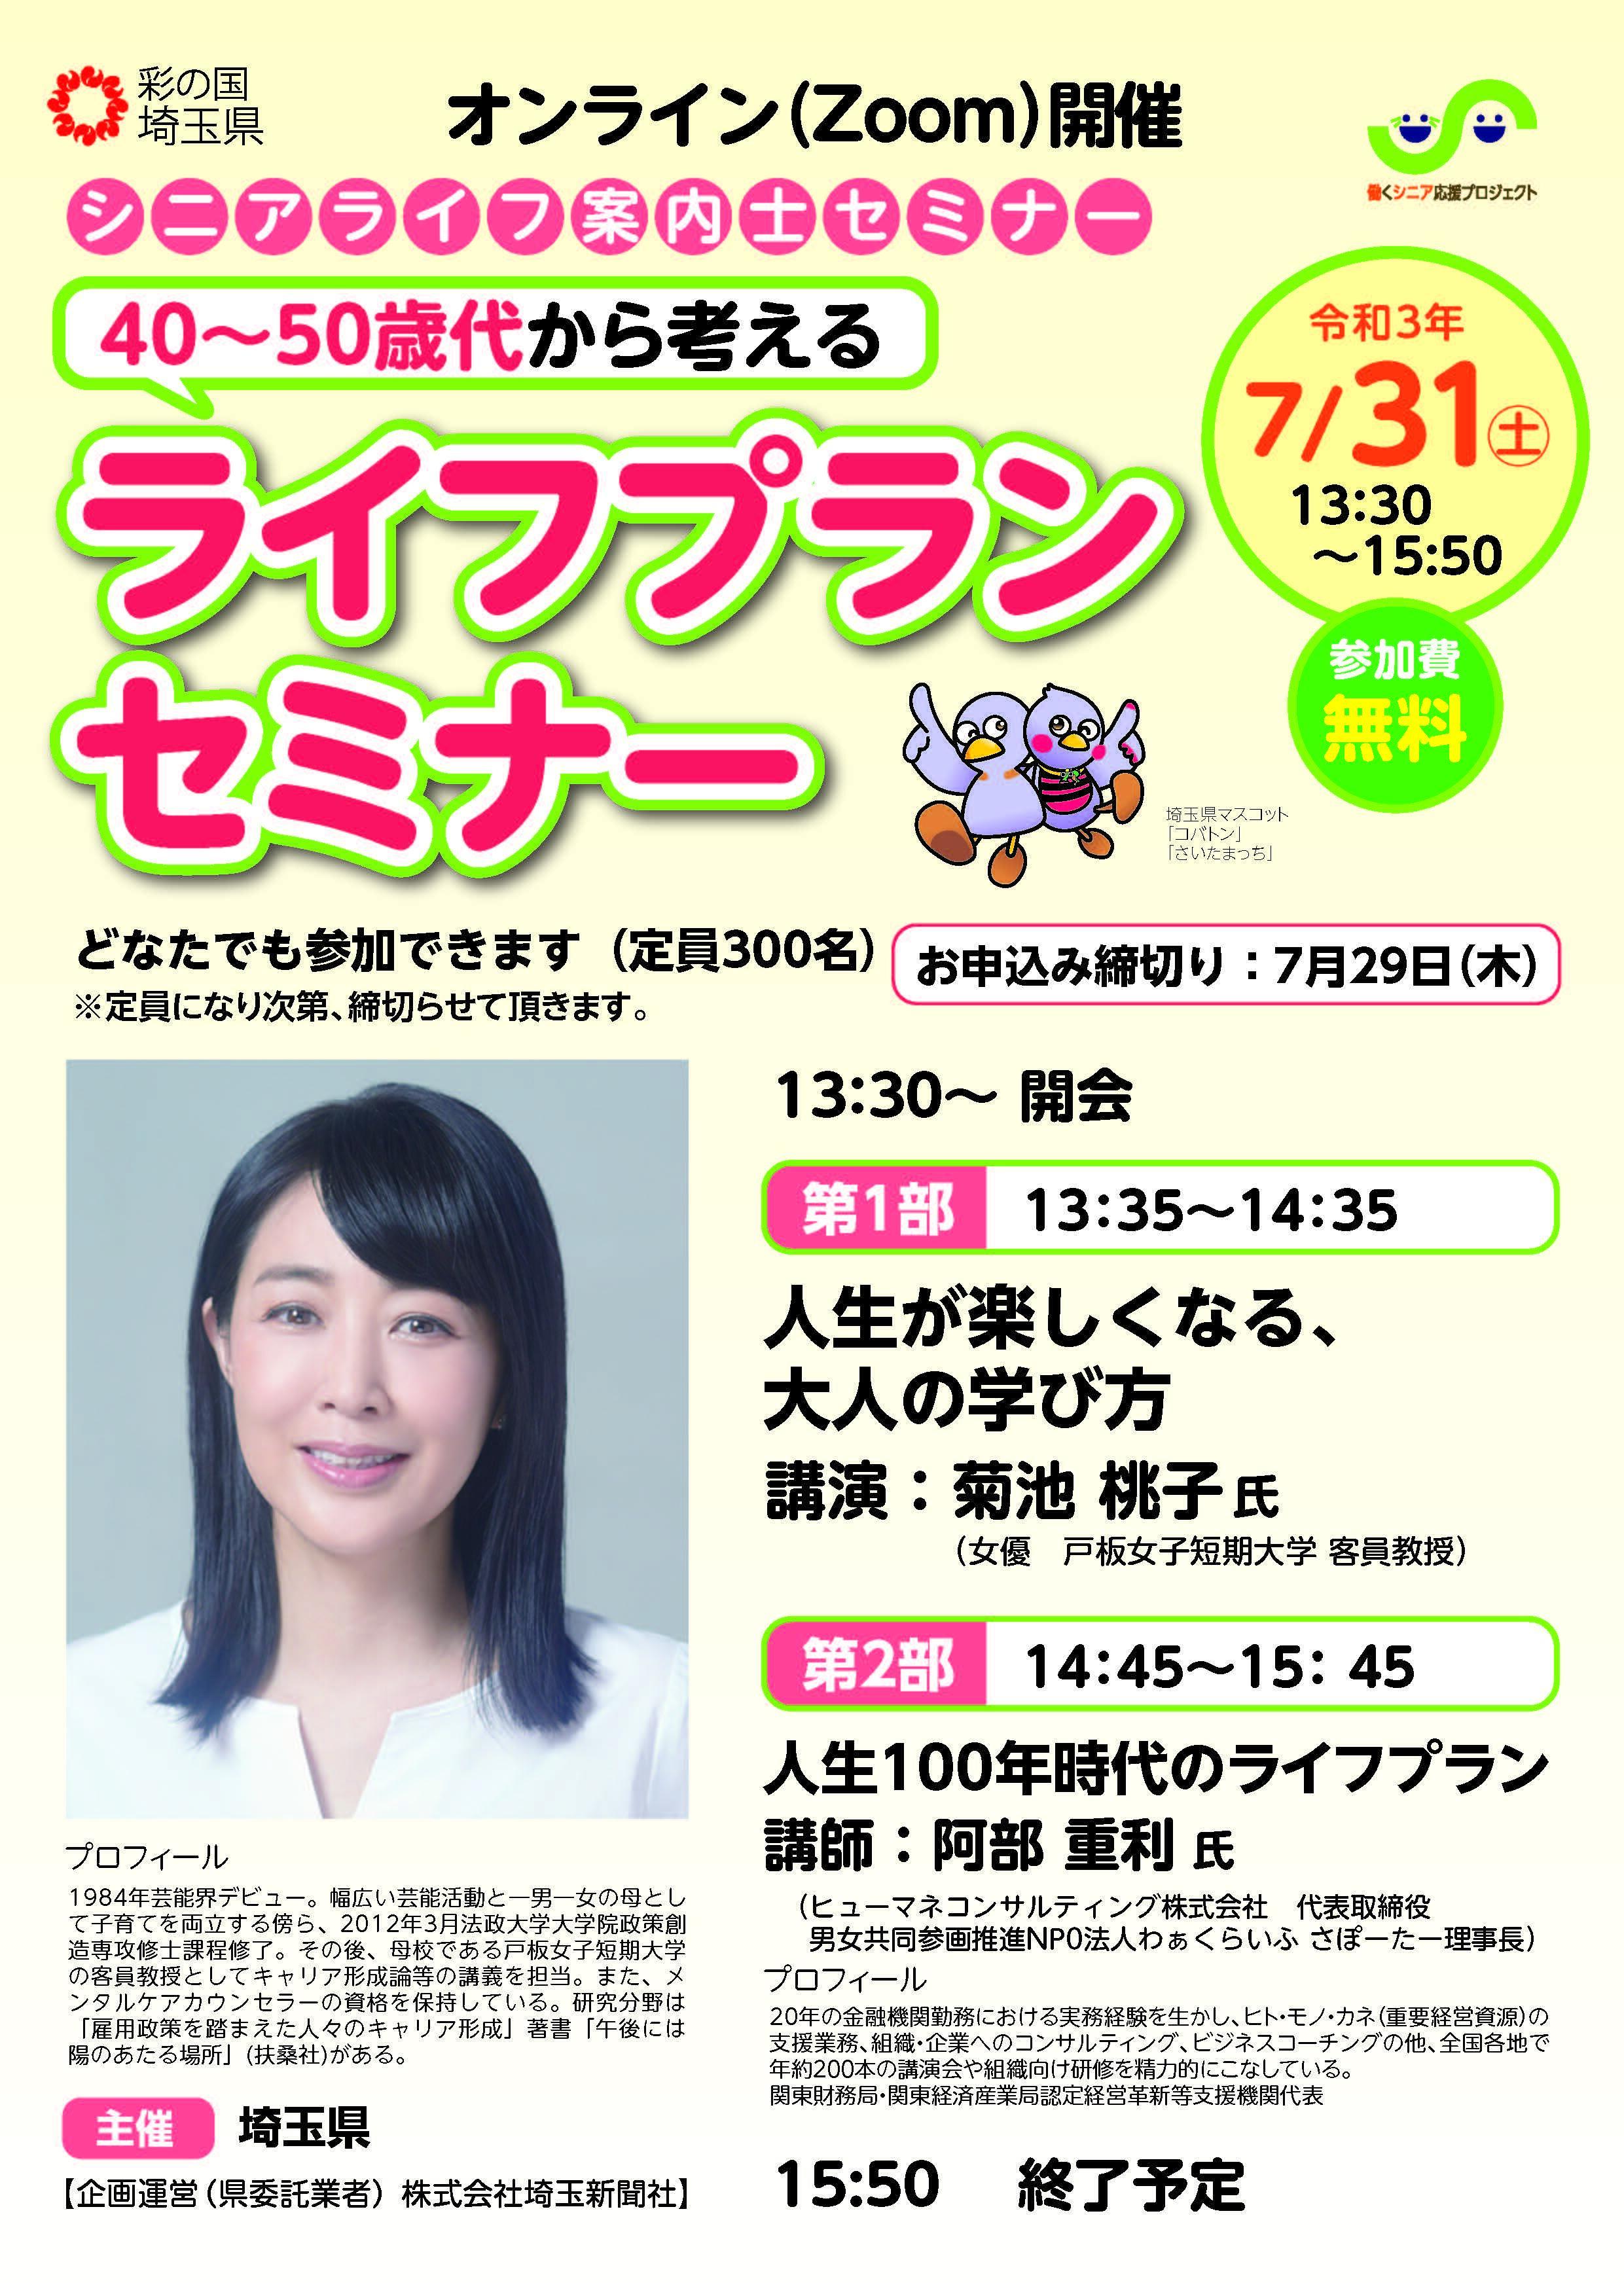 annaishi-seminar-20210731.jpg